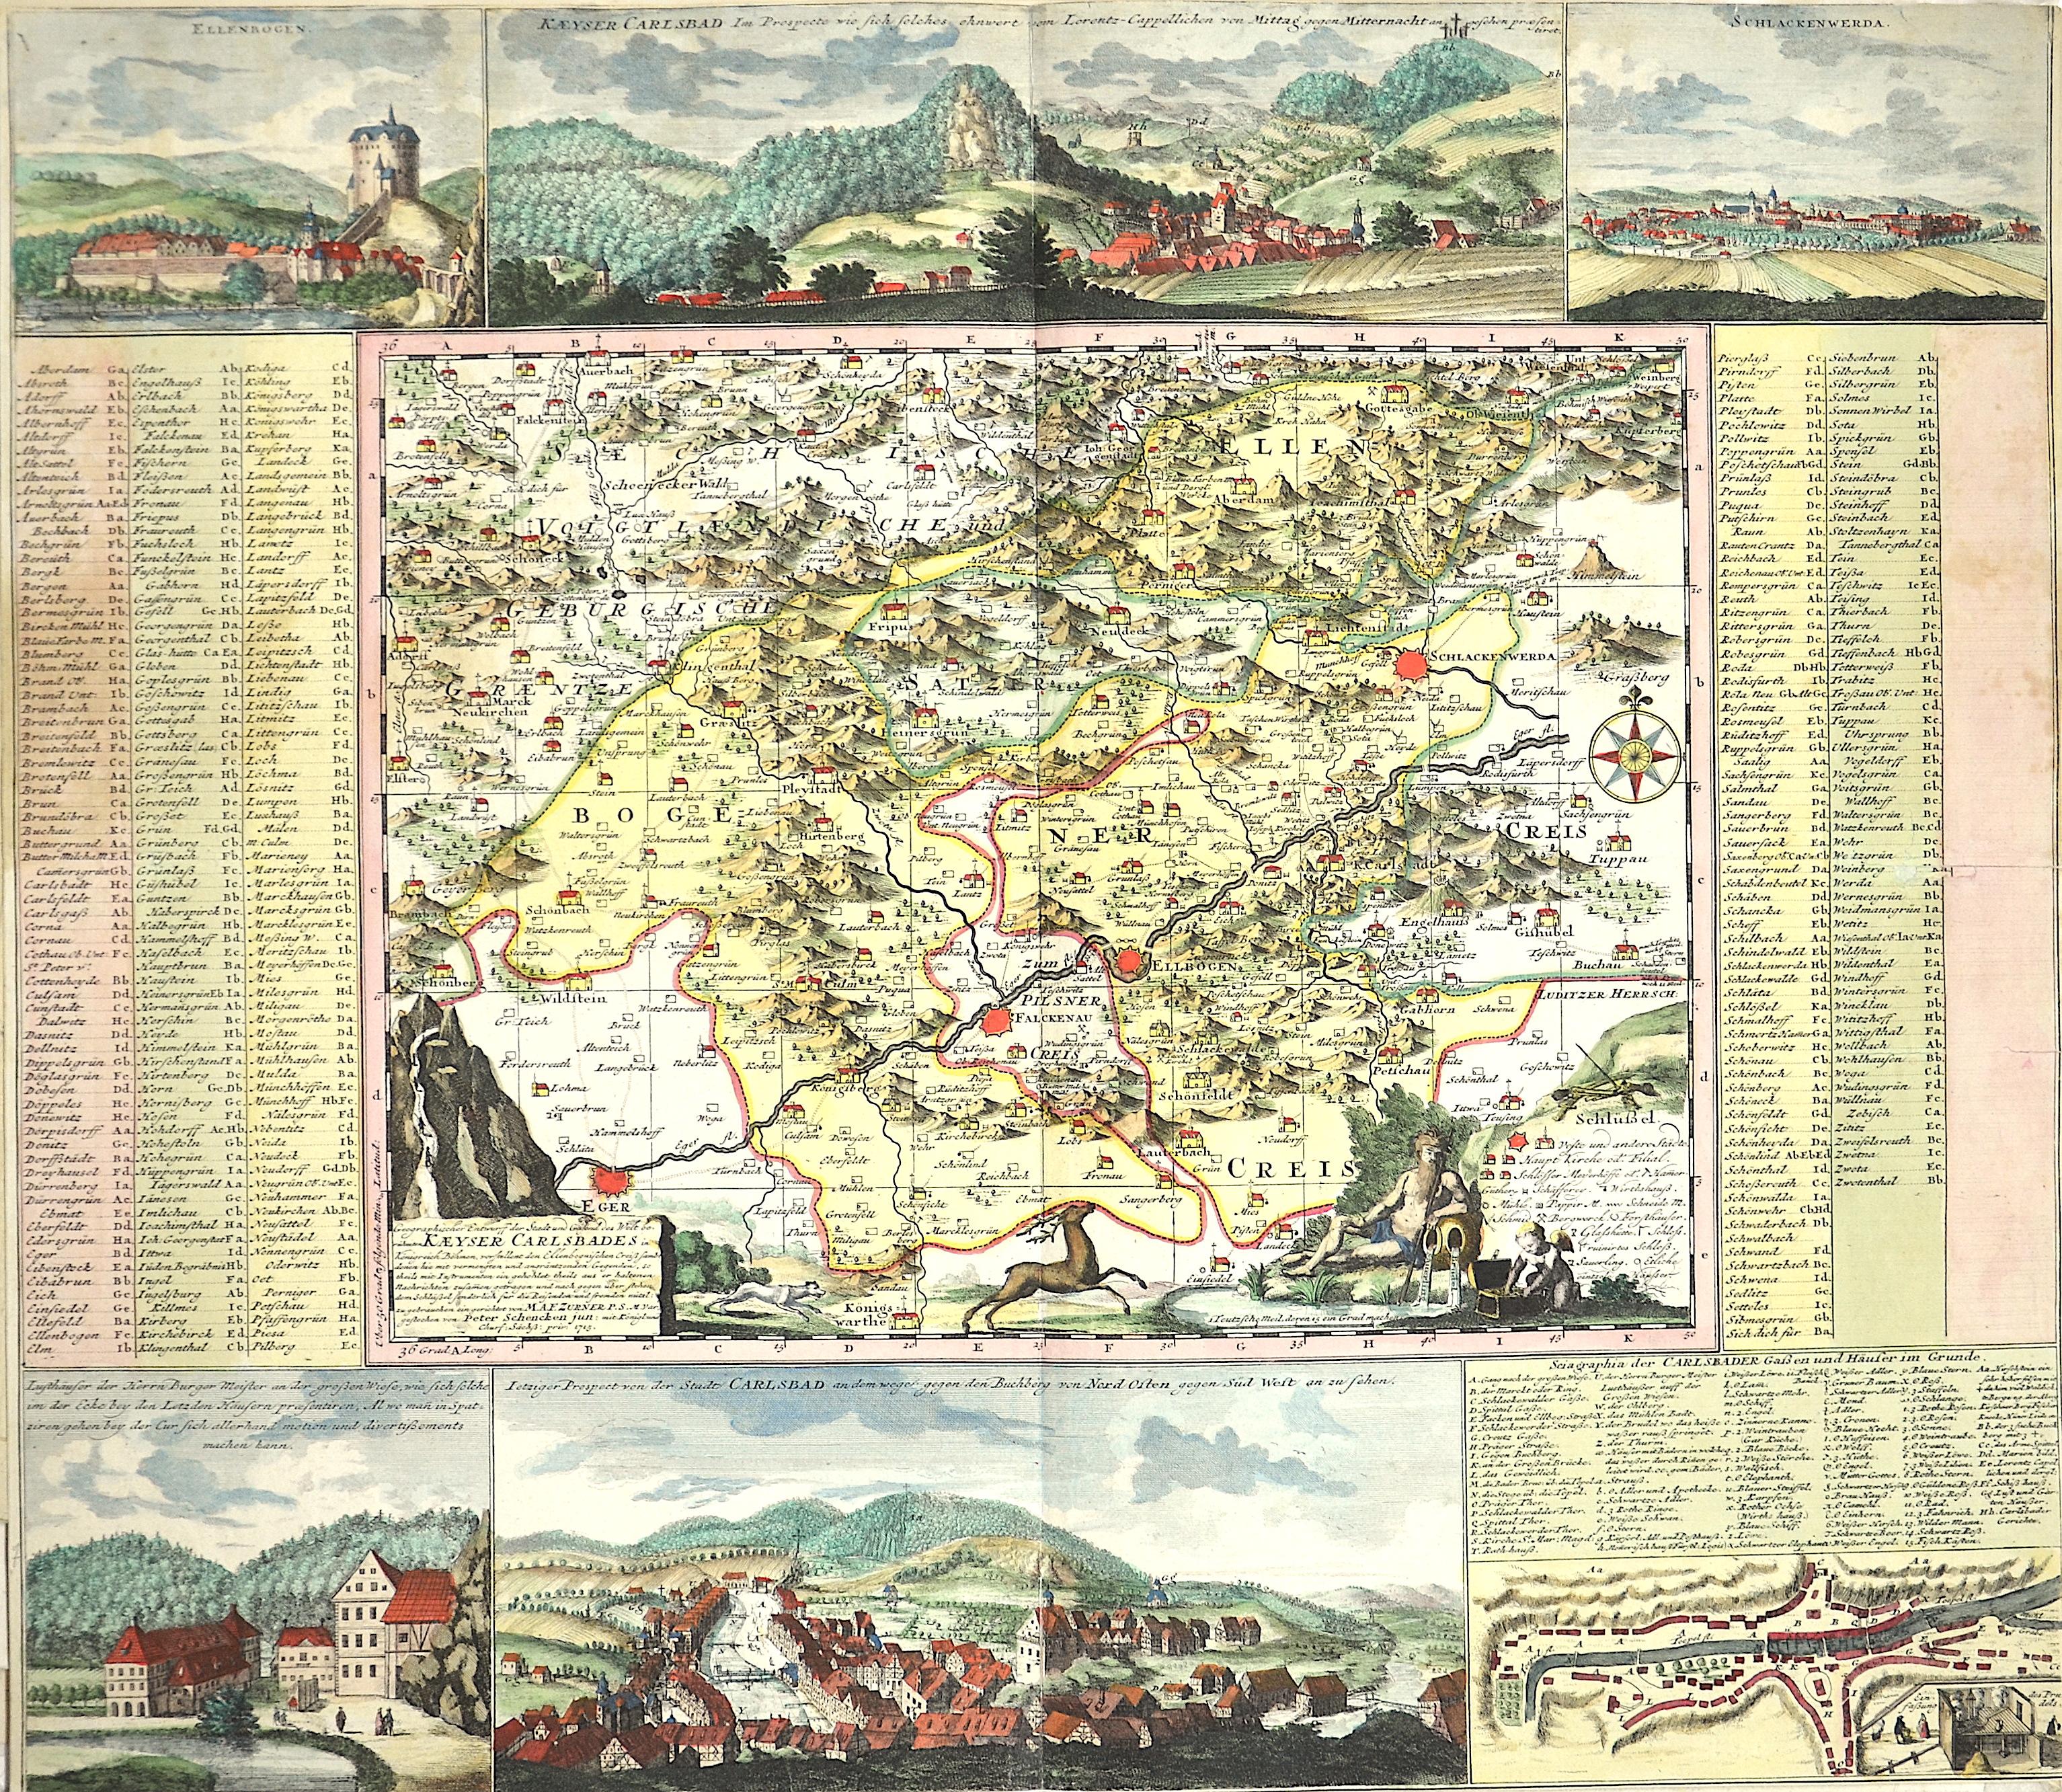 Schenk Peter Geographischer Entwurff der Stadt und Gegend des Welt berühmten Kaeyser Carlbades in Königreich Böhmen…